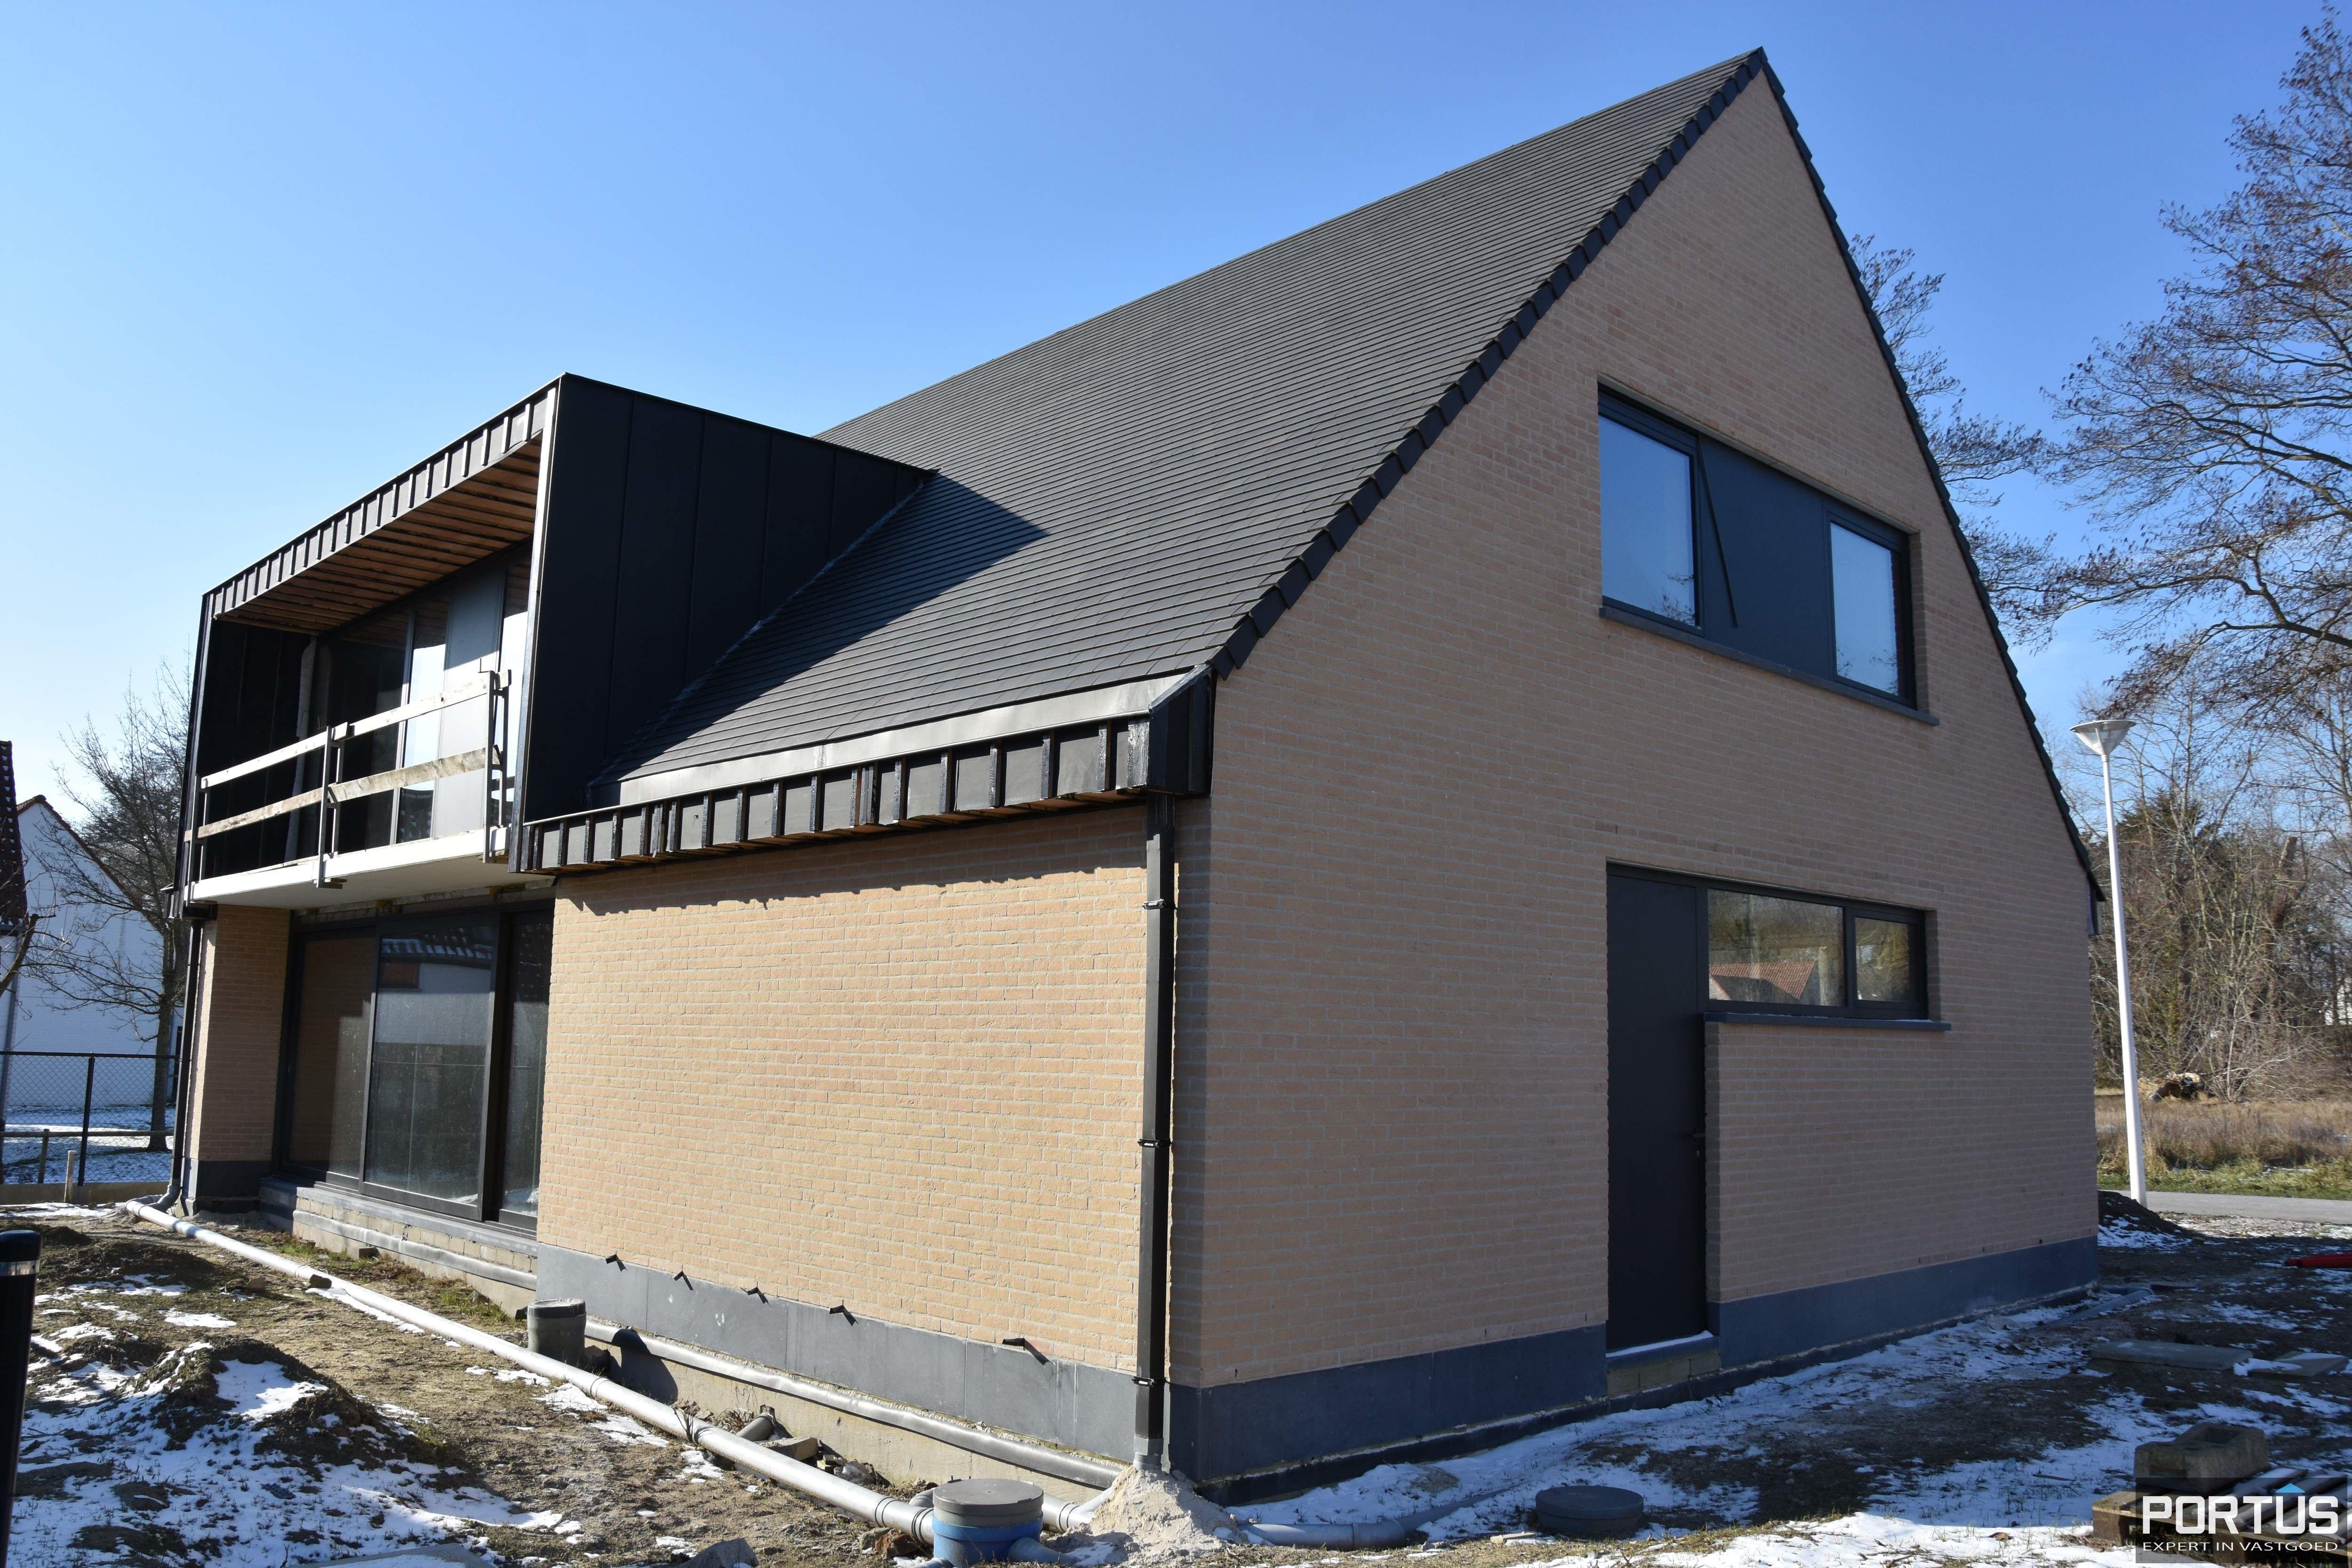 Nieuwbouwvilla met 3 slaapkamers te koop te Nieuwpoort  - 12282